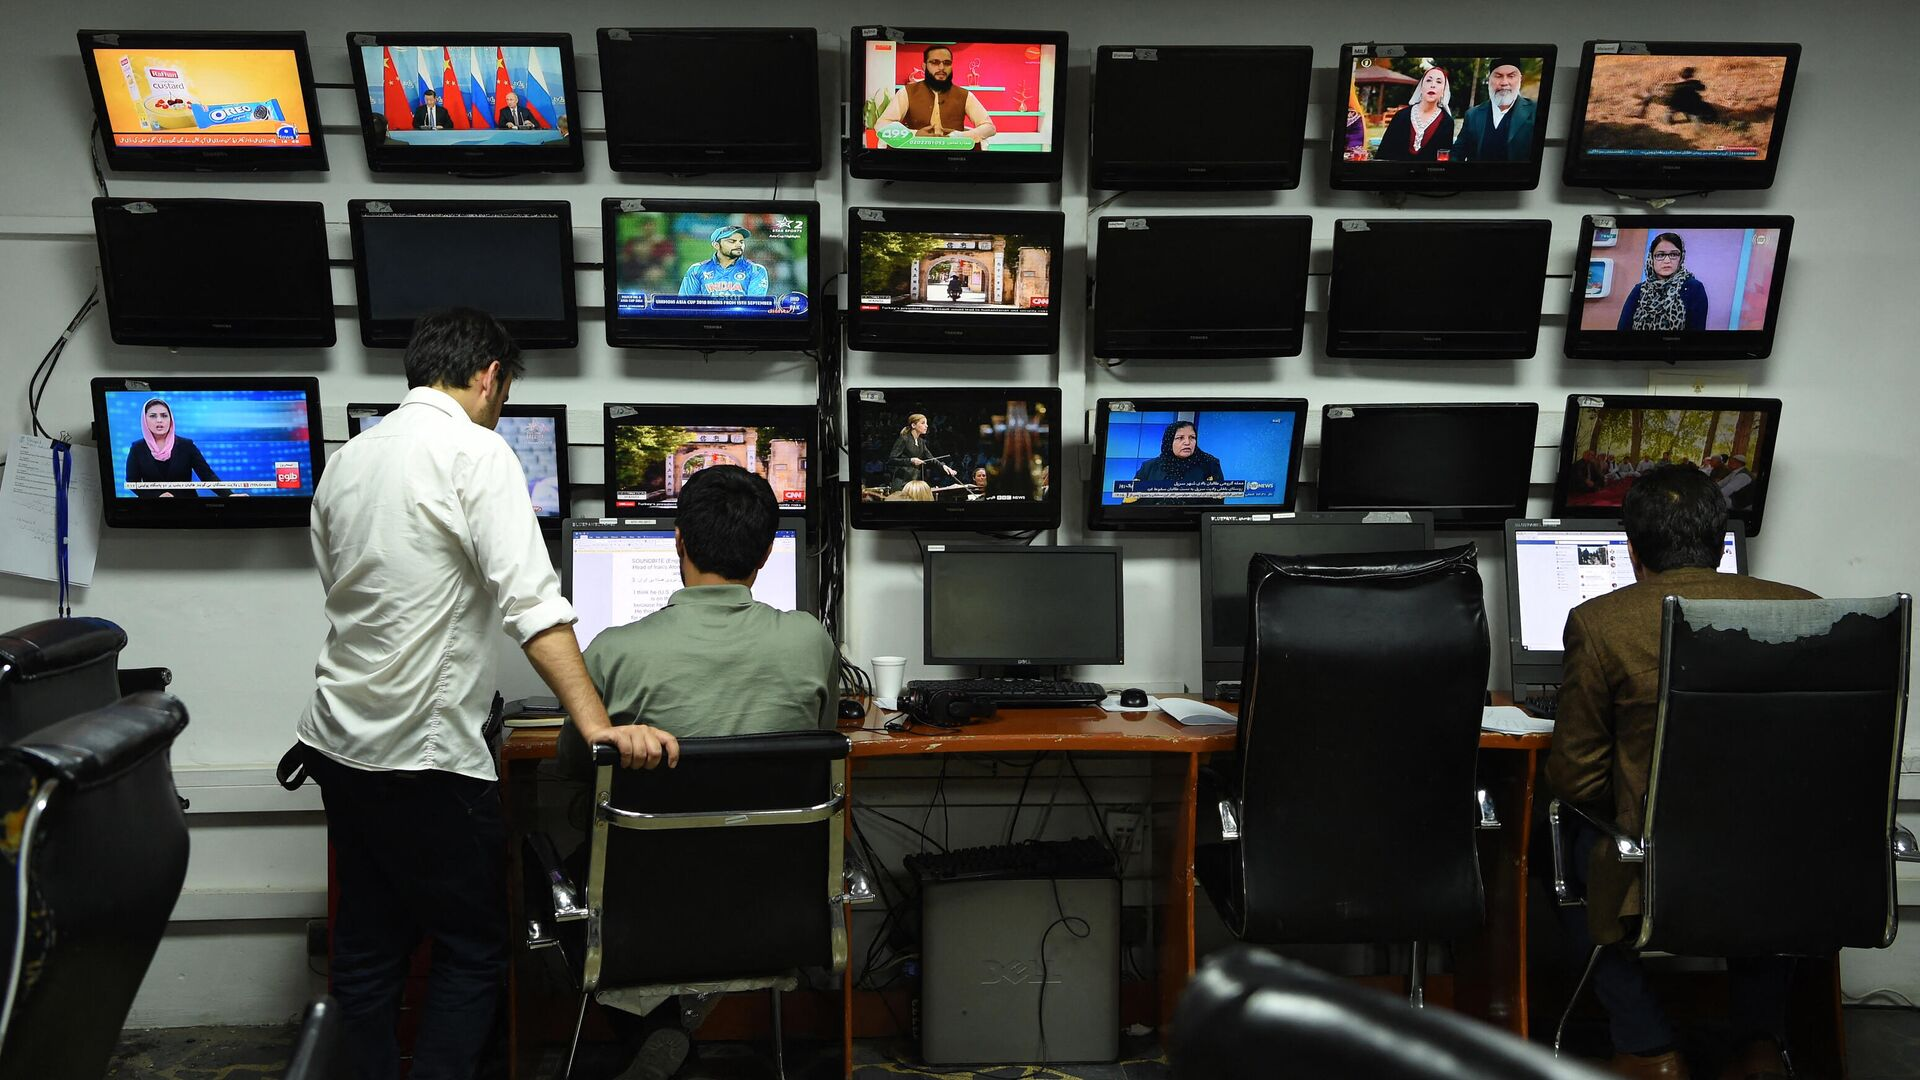 Afganistan, televizyon kanalı, medya, Afgan medyası - Sputnik Türkiye, 1920, 13.09.2021